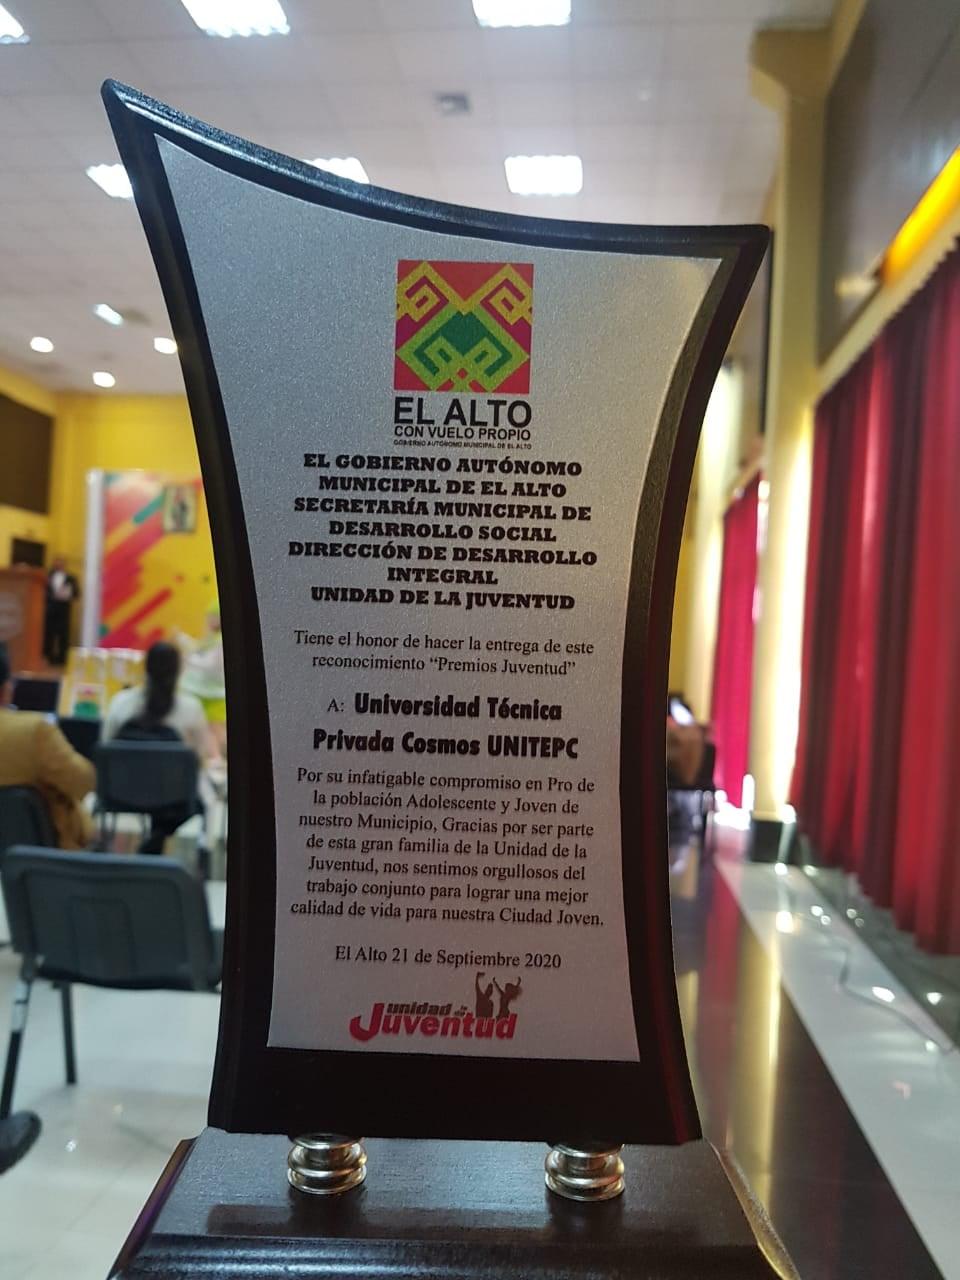 Reconocimiento a la Unitepc El Alto por el Gobierno Autónomo Municipal de la Ciudad de El Alto (GAMEA)